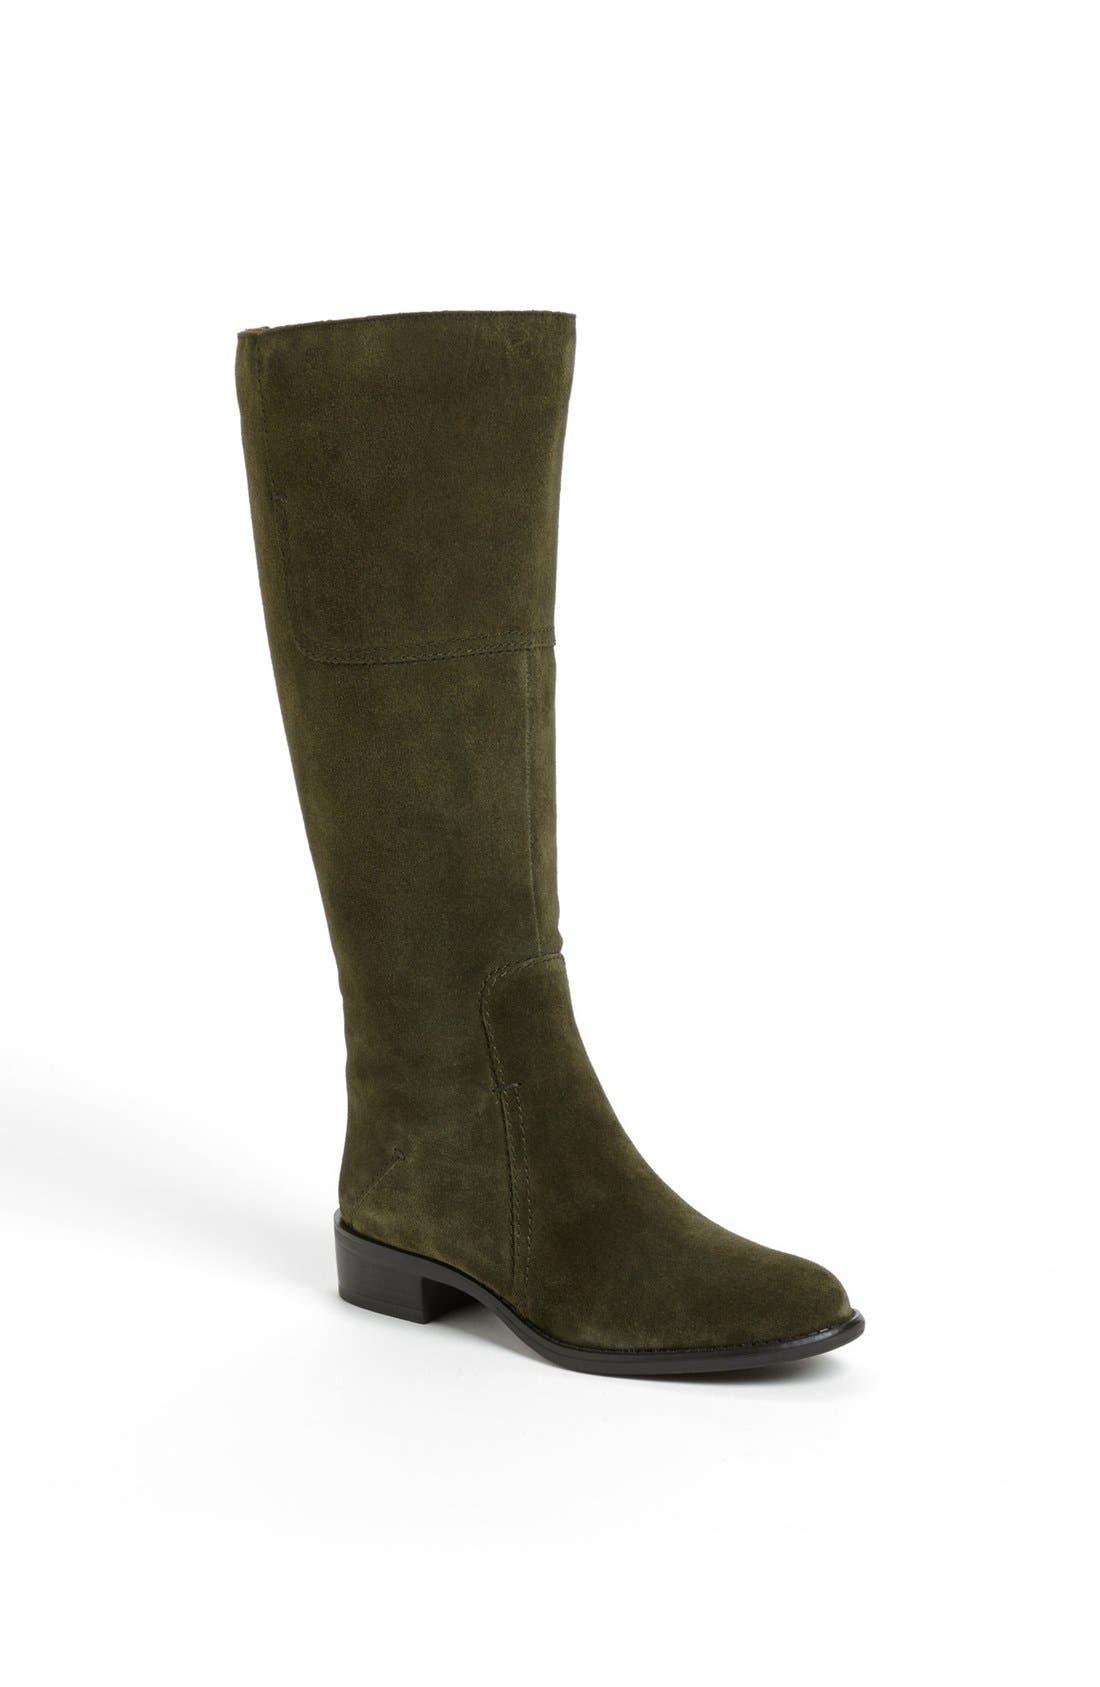 Alternate Image 1 Selected - Franco Sarto 'Cristo' Boot